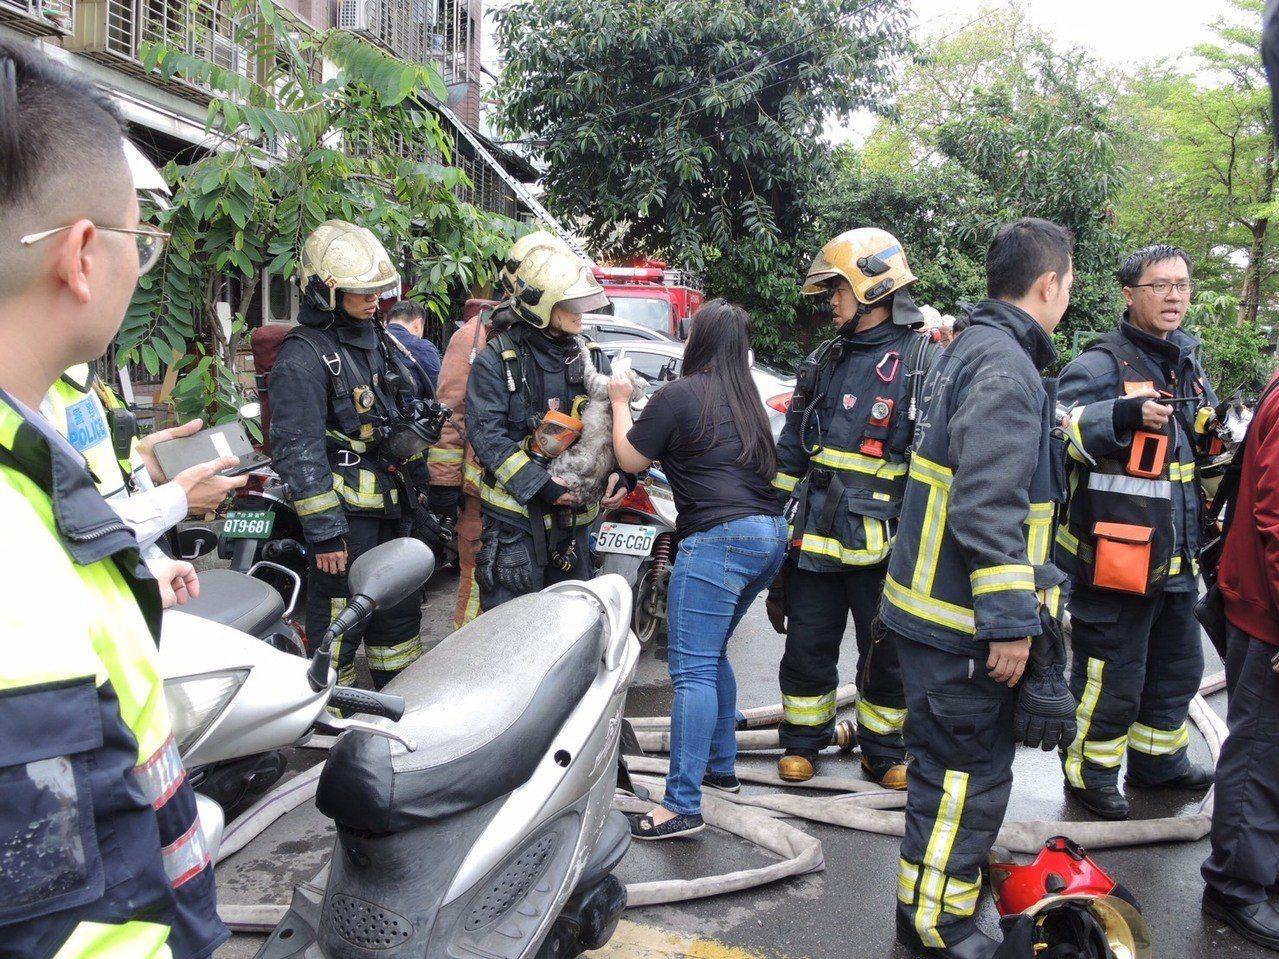 新北市板橋區館前西路今天清晨7時一棟公寓2樓發生火警,一度傳出公寓內有多人受困,...